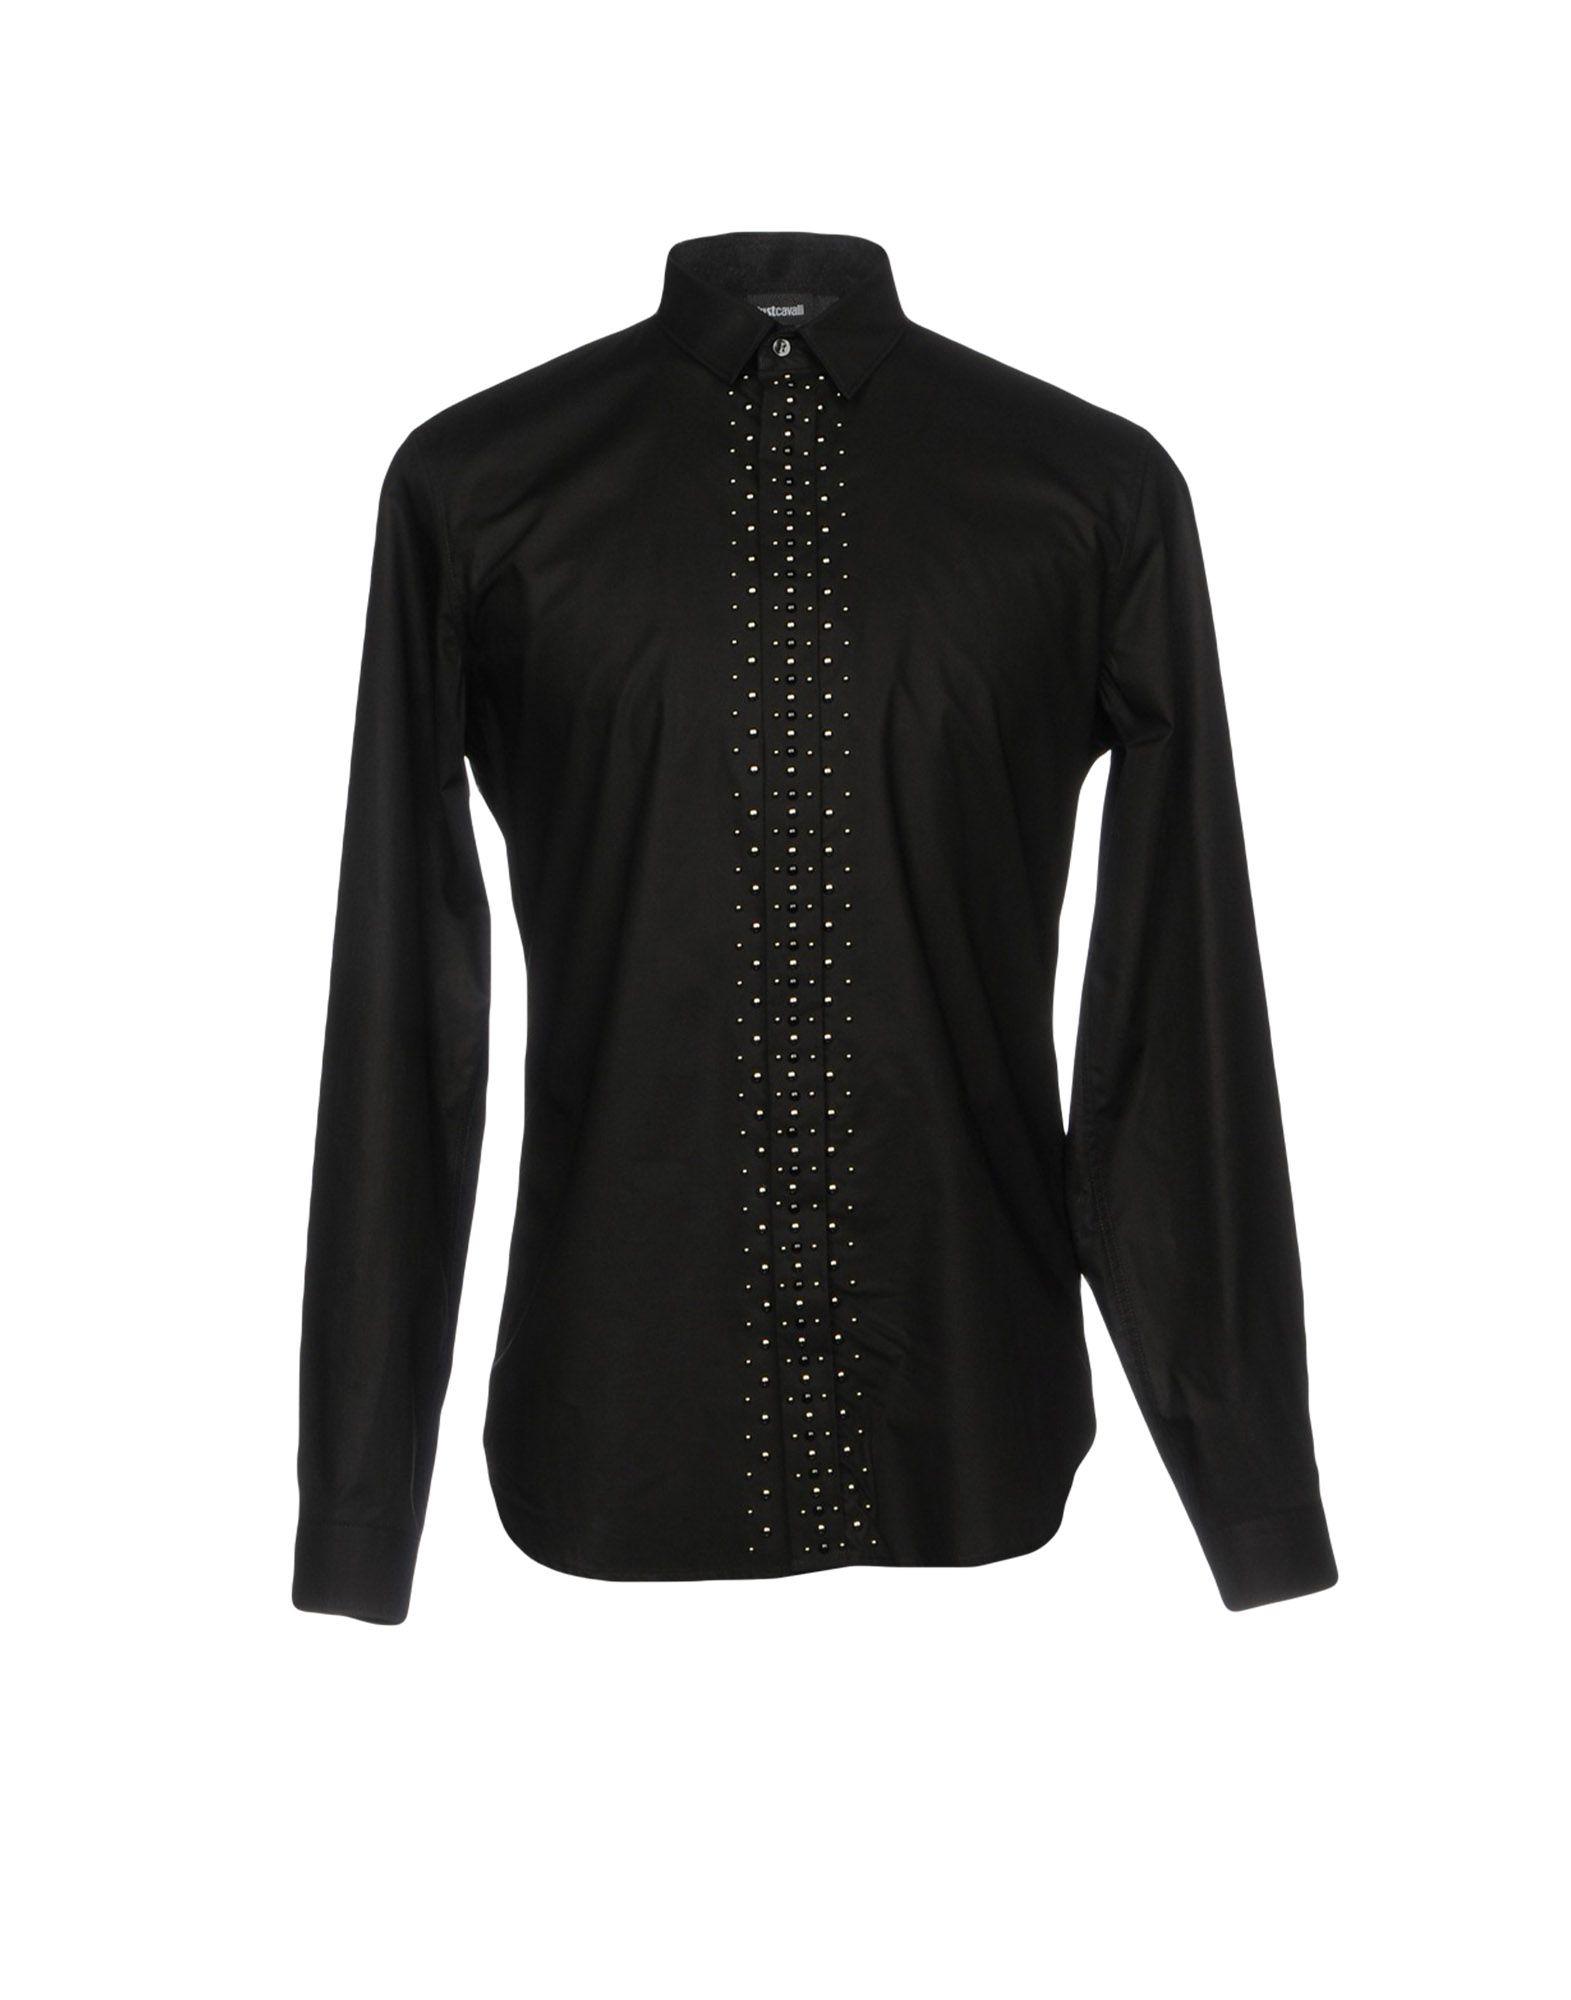 JUST CAVALLI Herren Hemd Farbe Schwarz Größe 4 - broschei